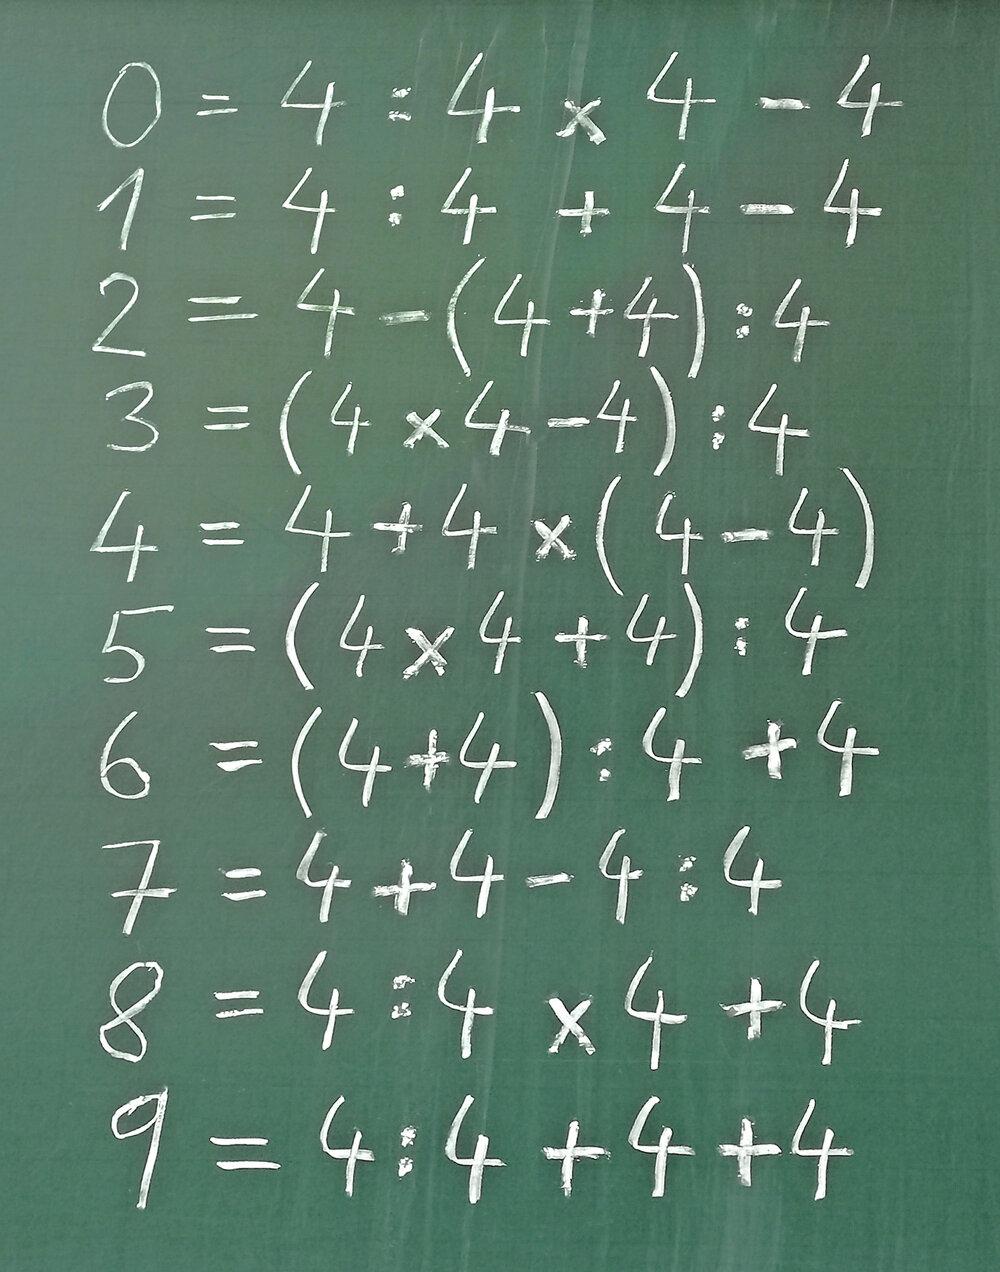 Jedno z možných riešení hry pre čísla od 0 do 9.